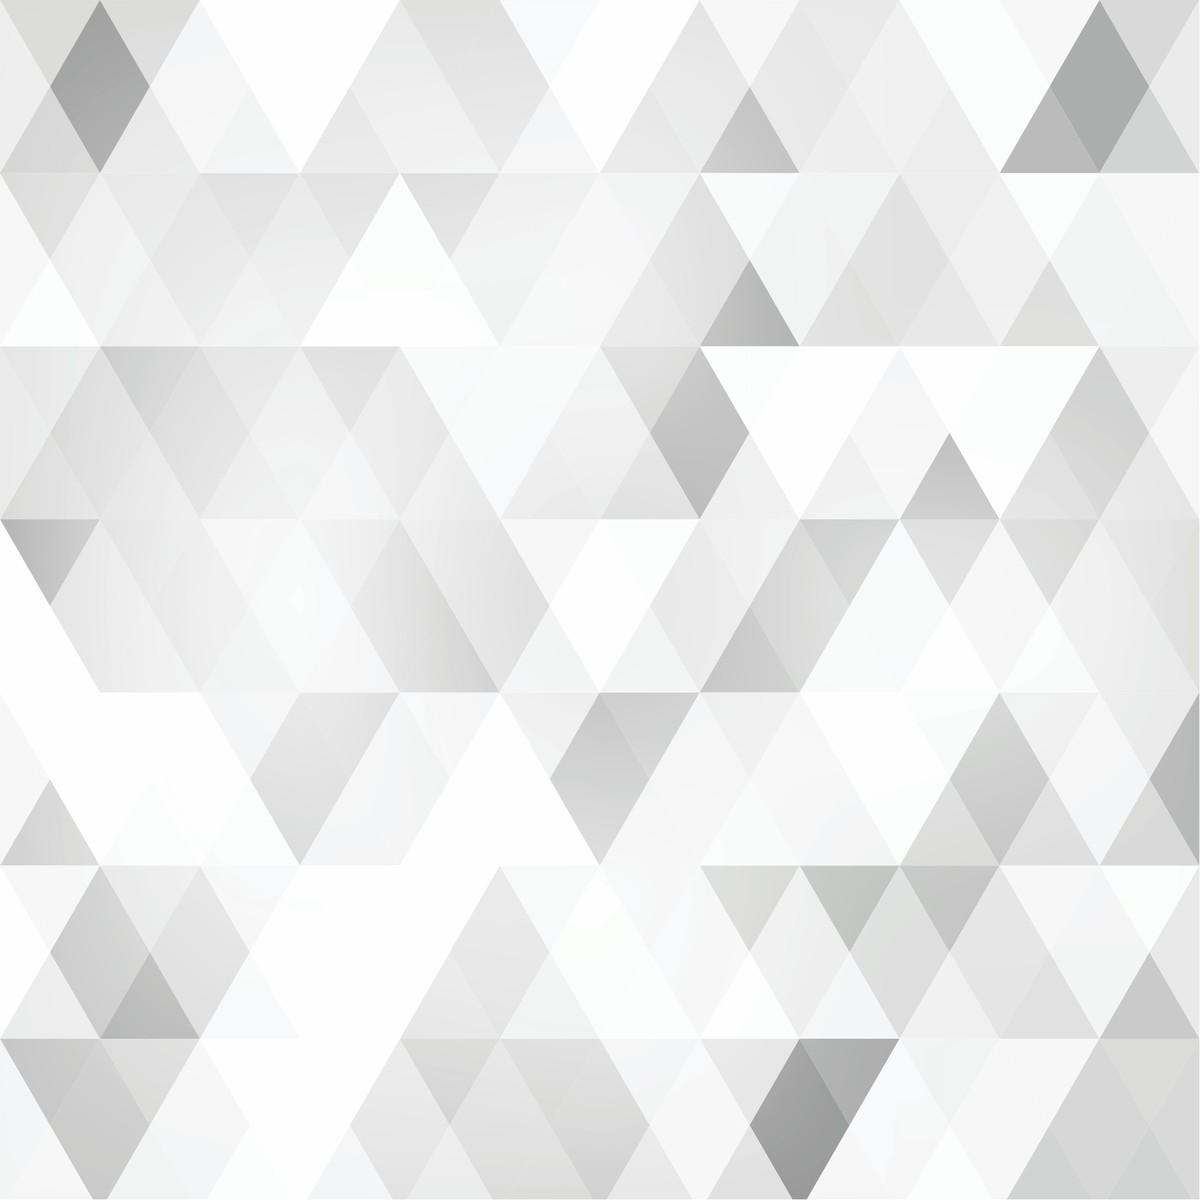 7ad3f3e95 Adesivo Papel de Parede - Geométrico Cinza Prata ESCOLHA COR no Elo7 ...